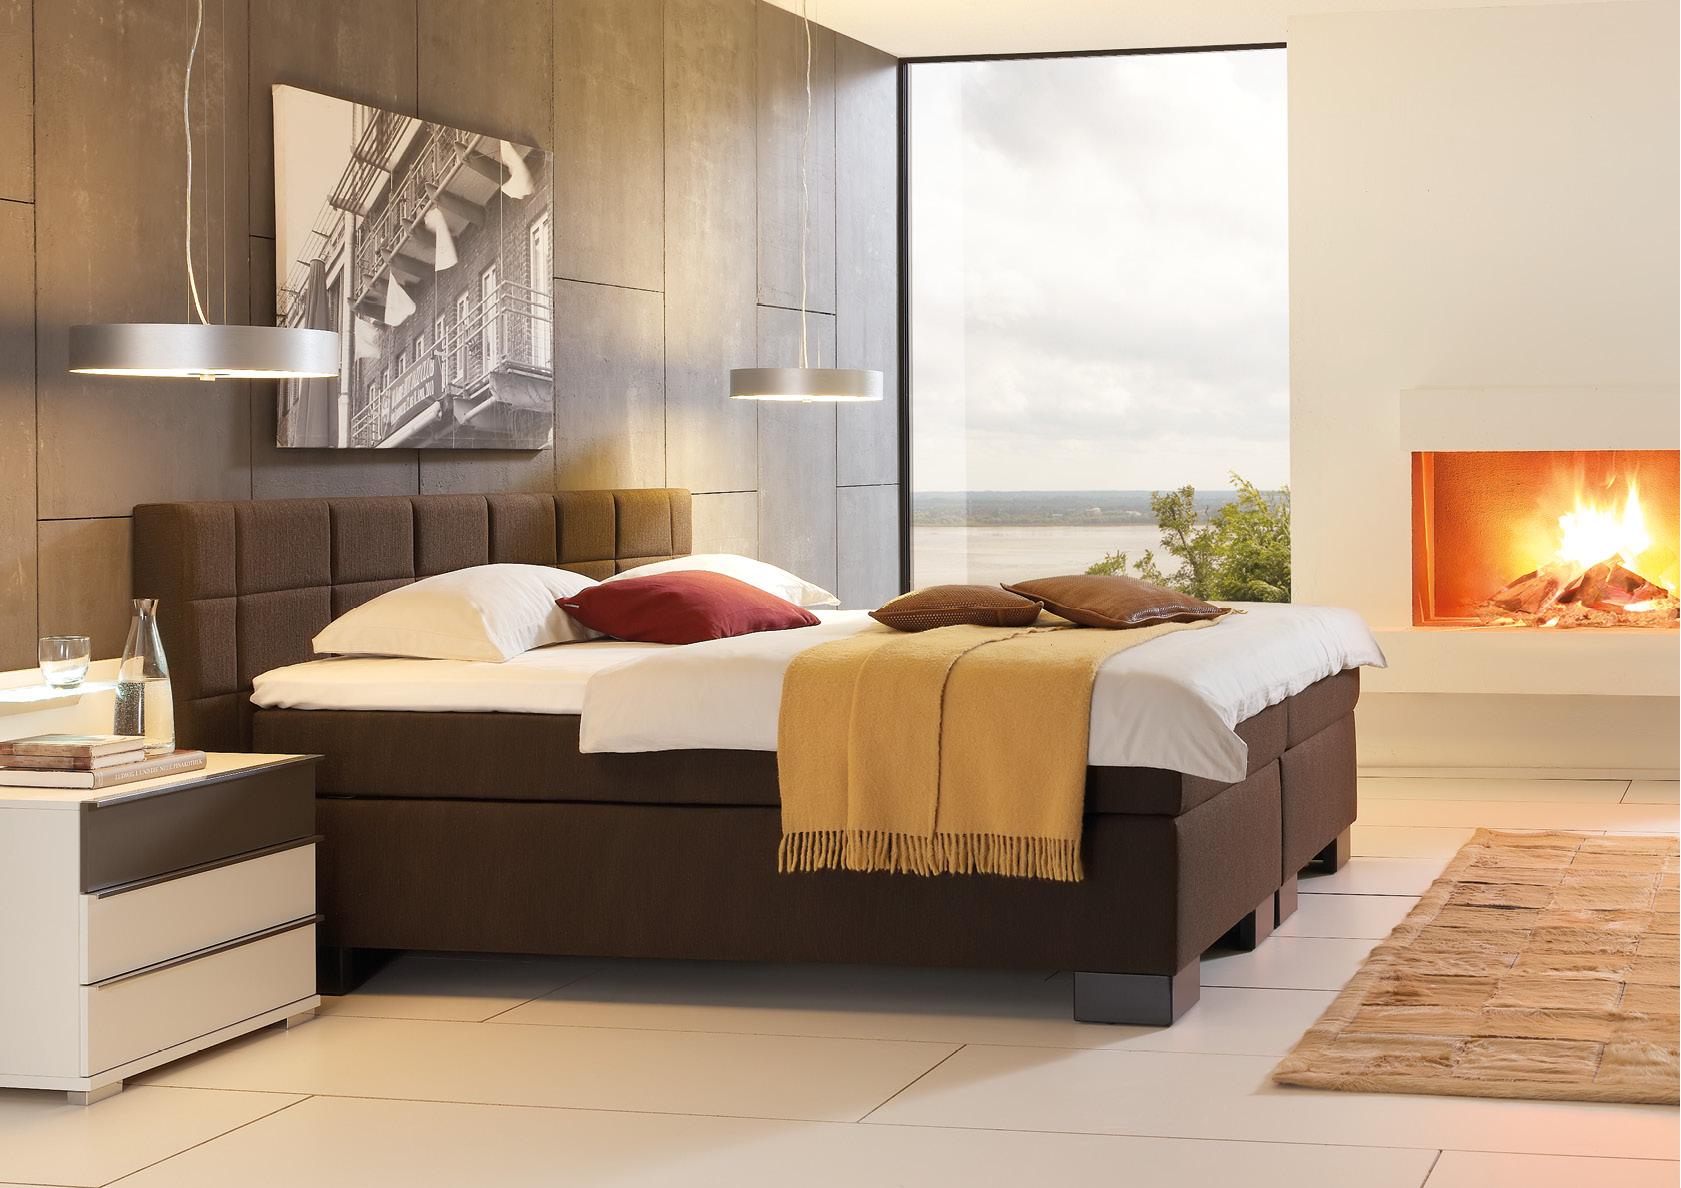 boxspringbetten leber gmbh einrichtungshaus in breisach. Black Bedroom Furniture Sets. Home Design Ideas